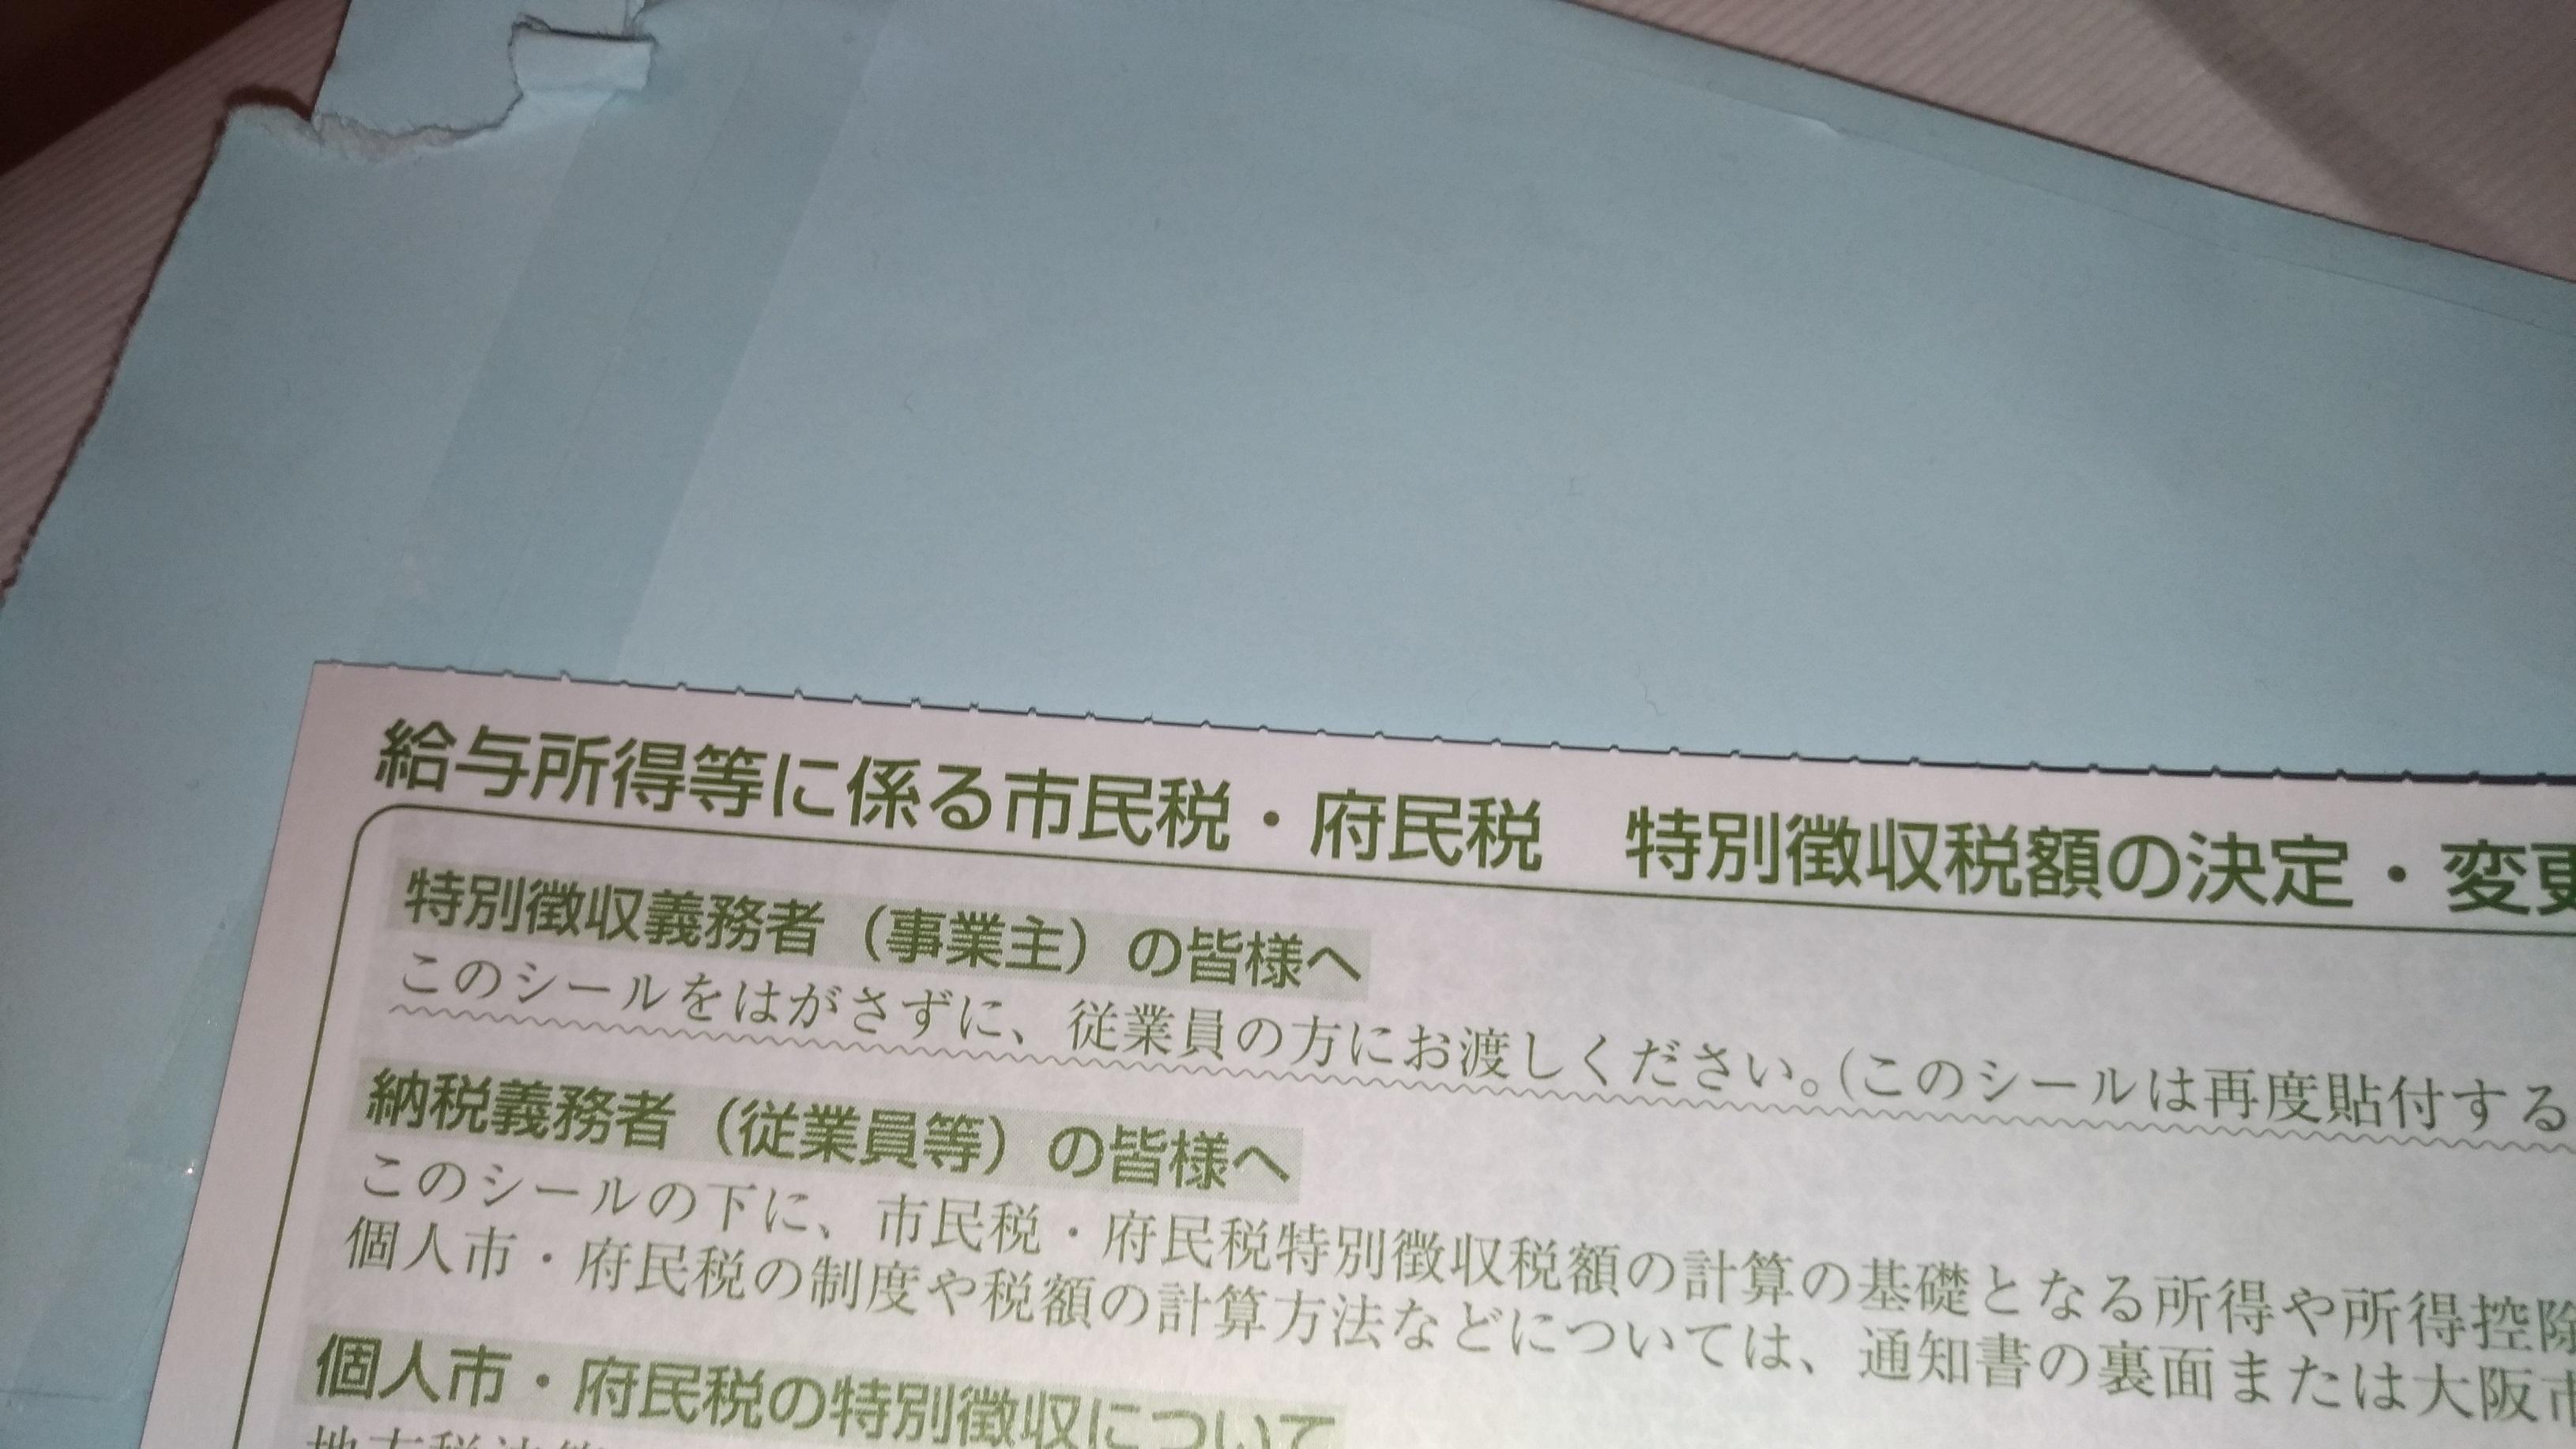 osaka_city_jumin_2021_3.jpg